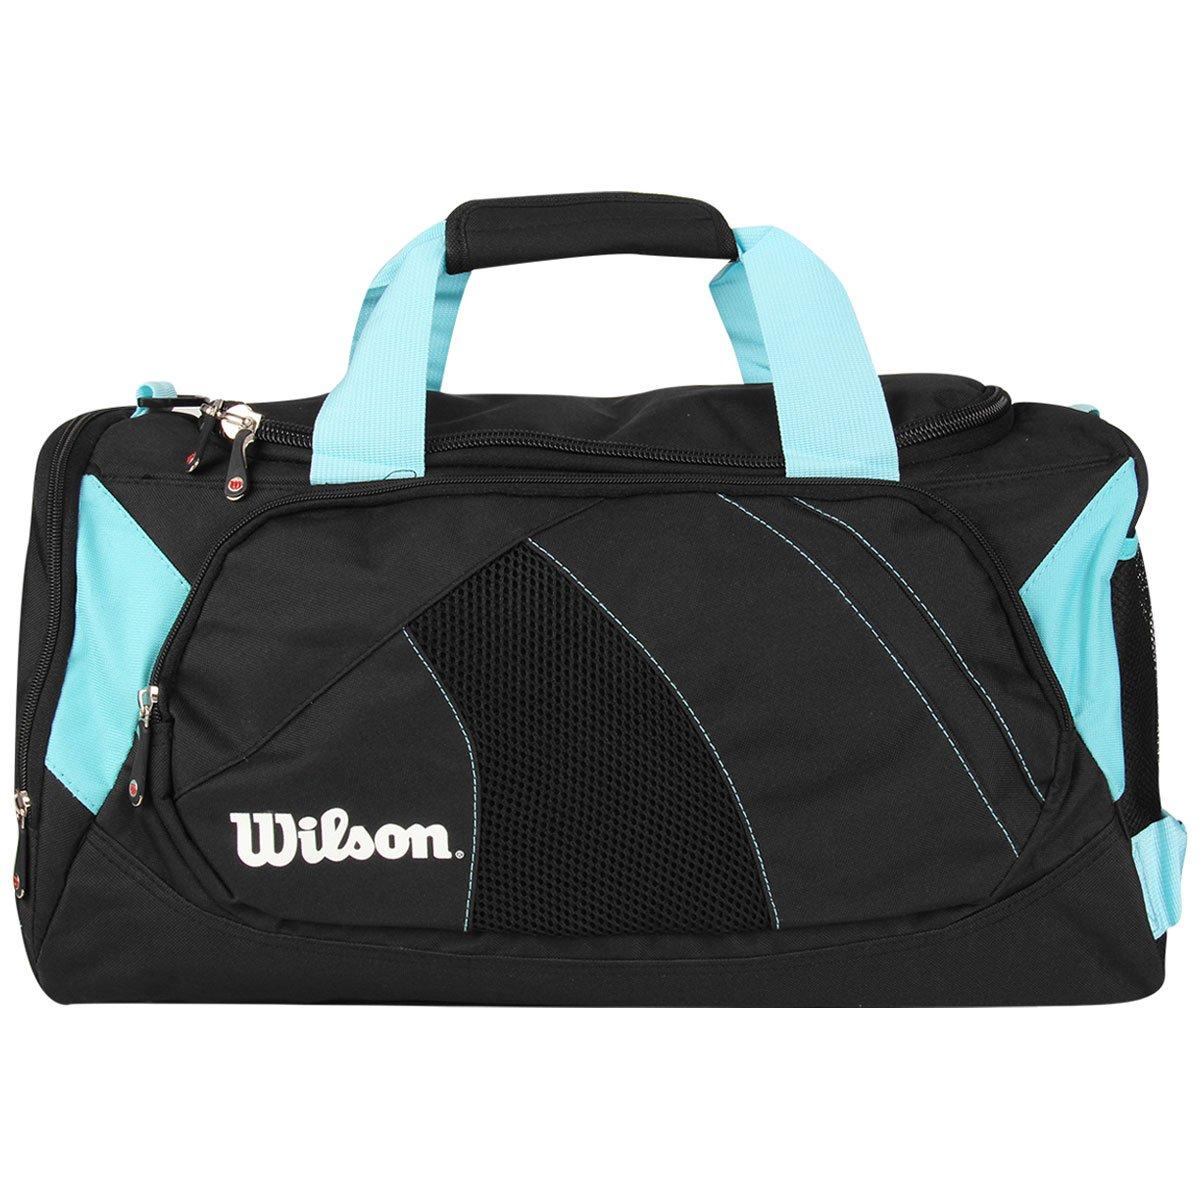 8f459482a4731 Bolsa Wilson Esportiva - Compre Agora